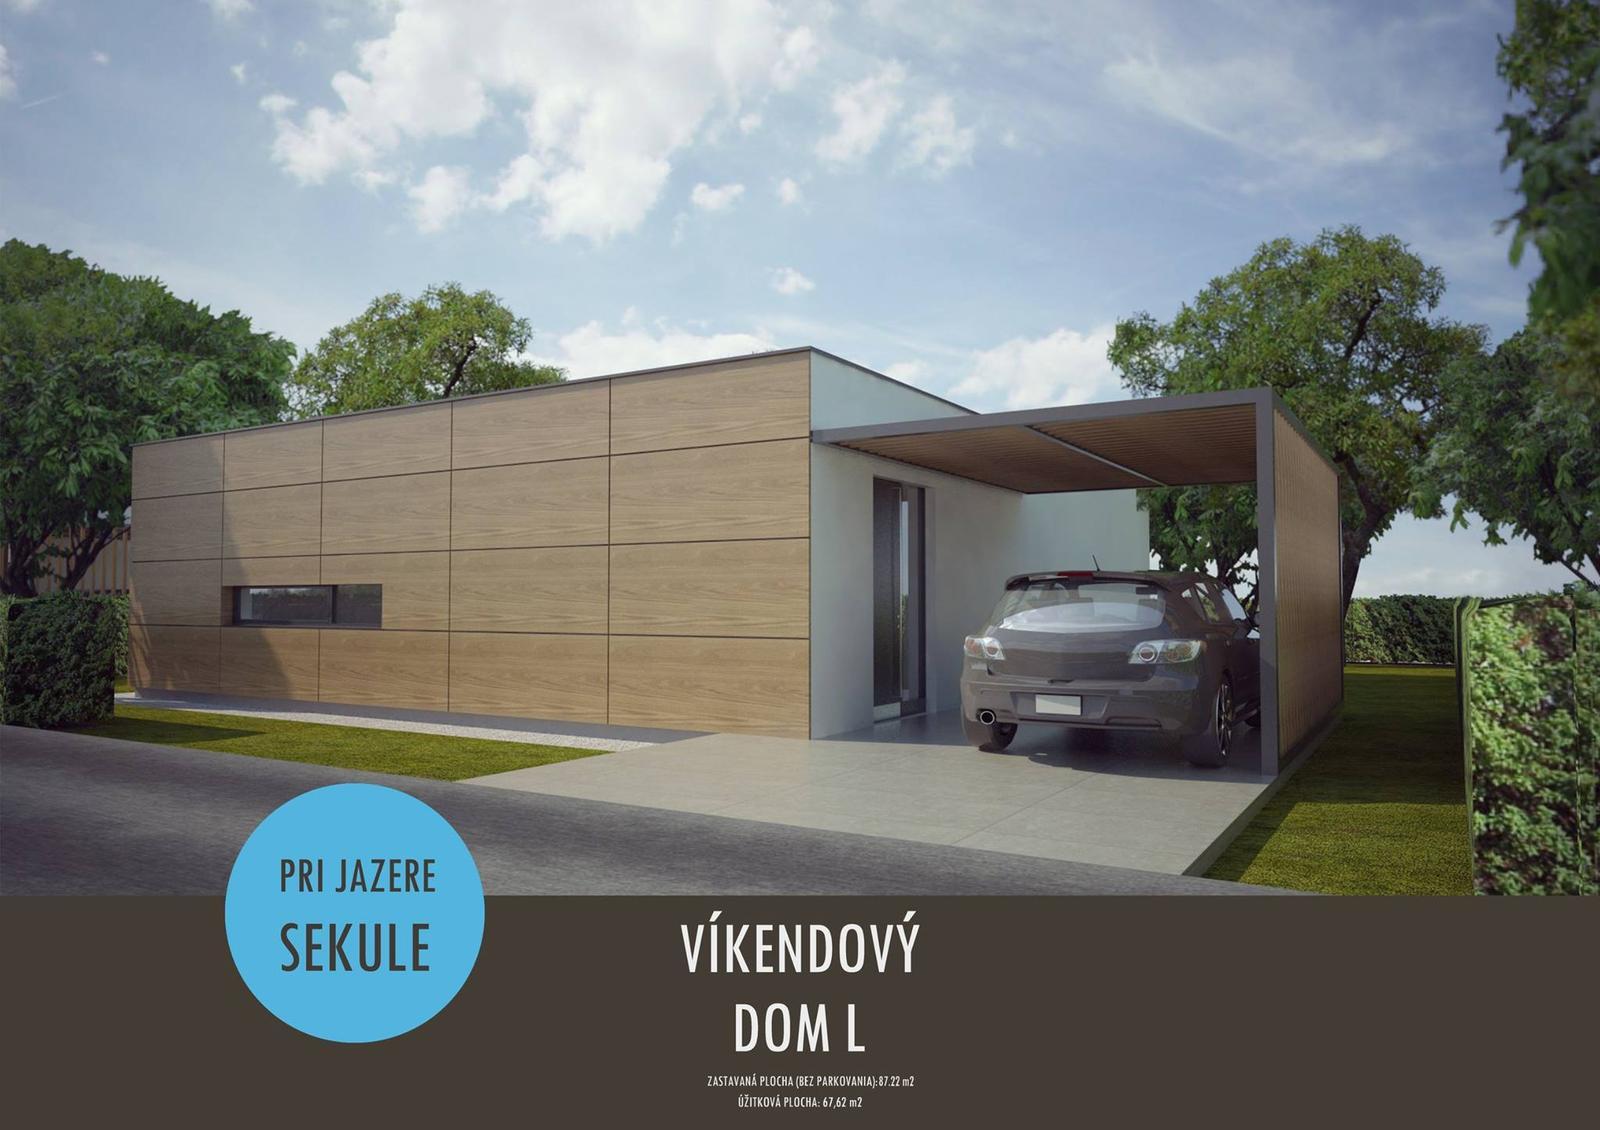 Víkendové domy pri jazere v obci Sekule na záhorí - Obrázok č. 5